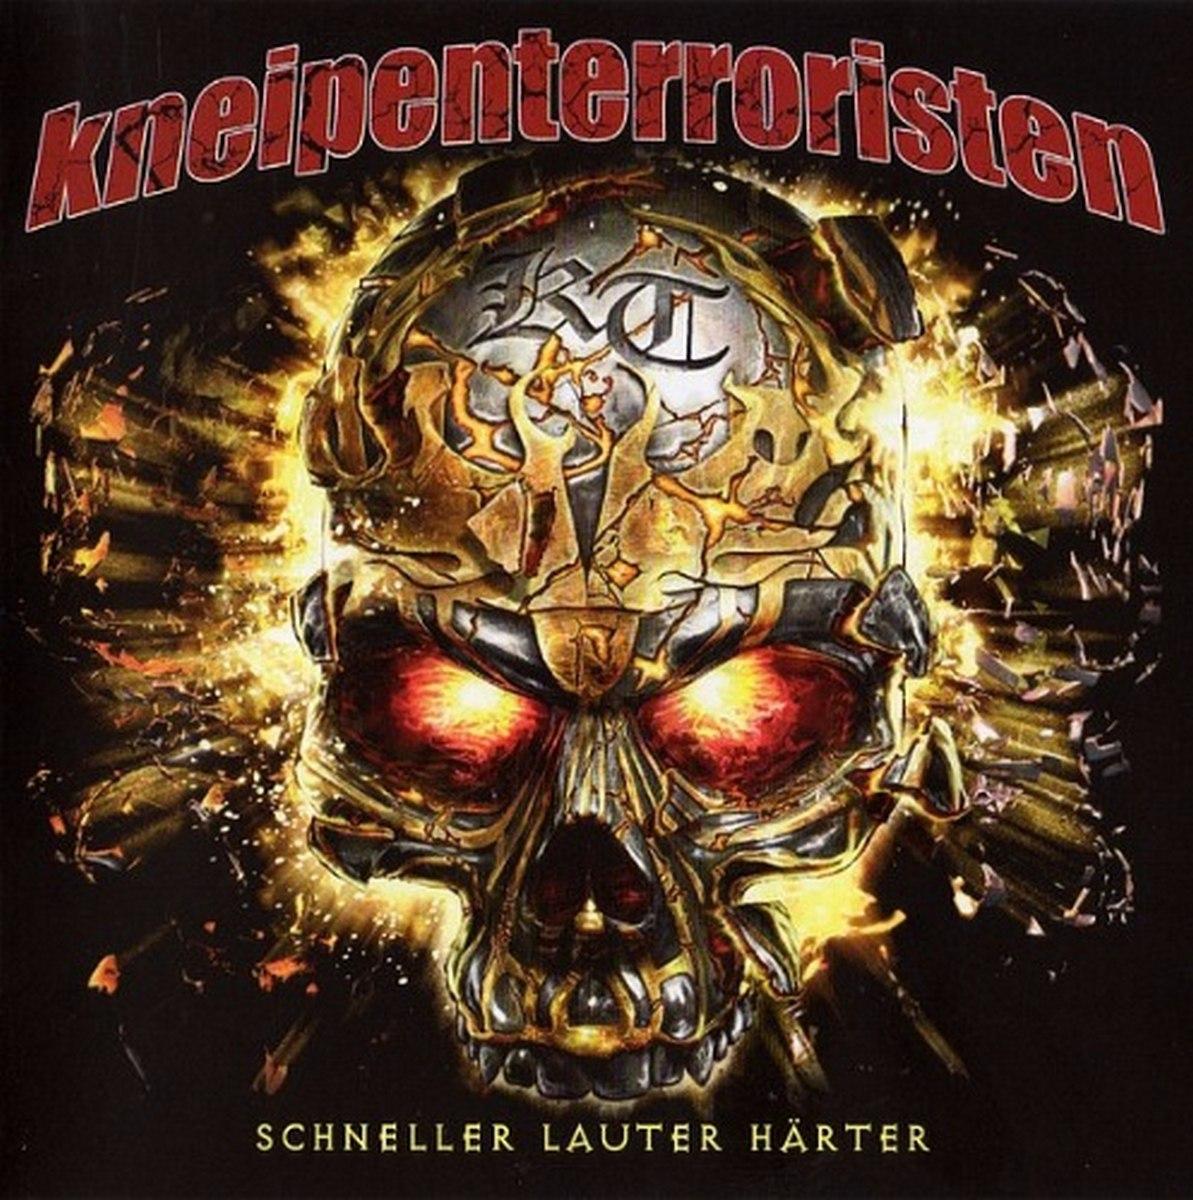 Kneipenterroristen - Schneller Lauter Härter